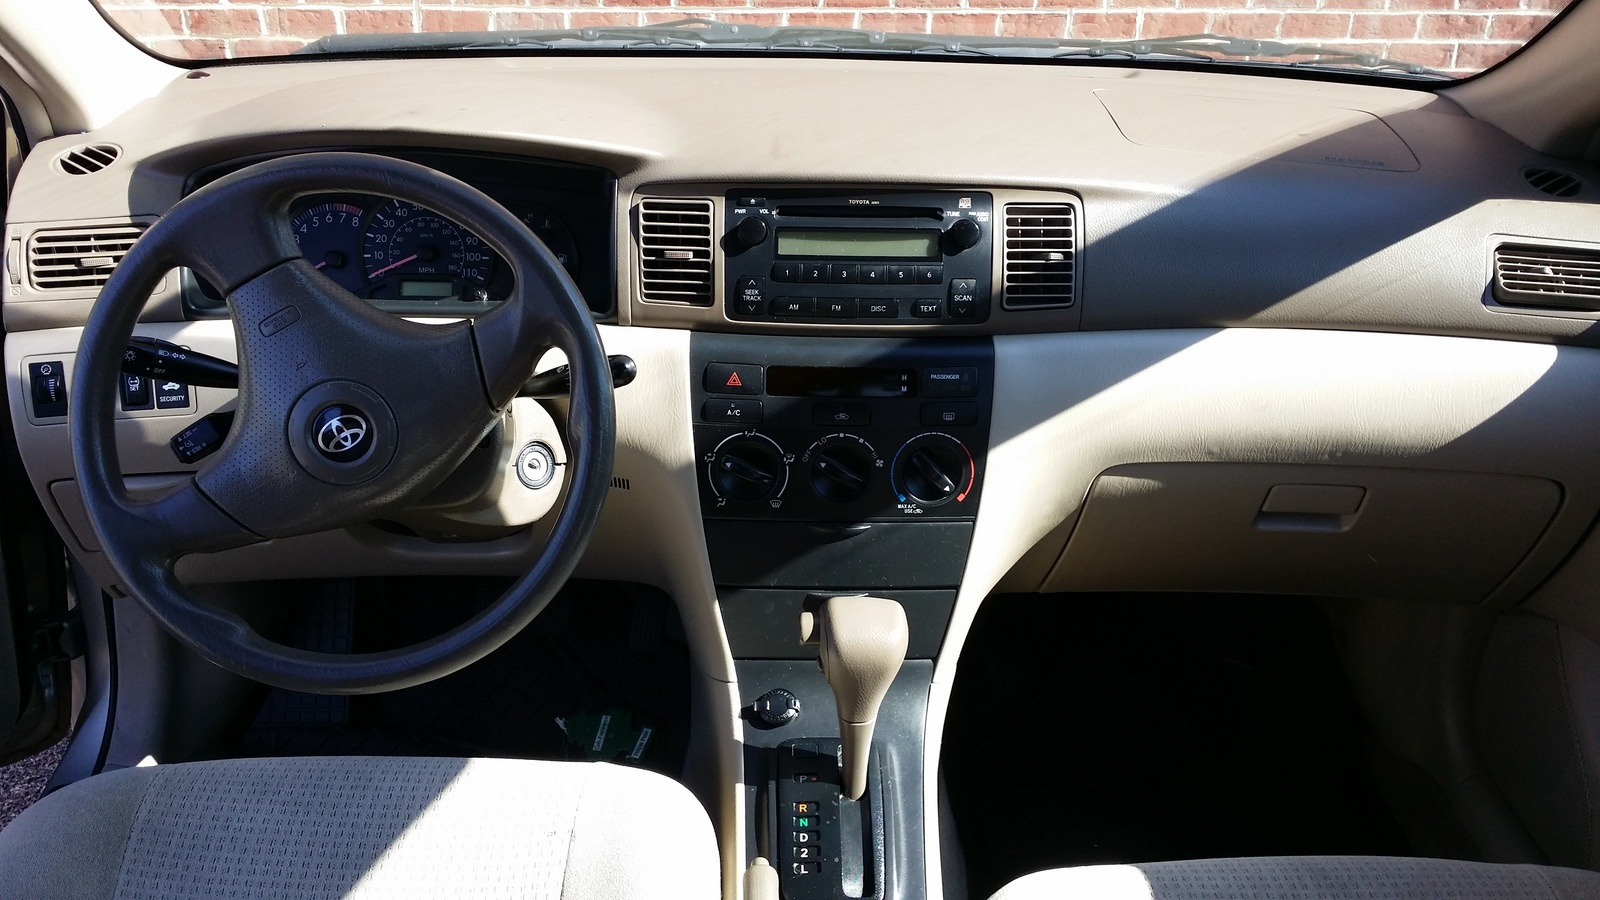 2008 Toyota Corolla Pictures Cargurus